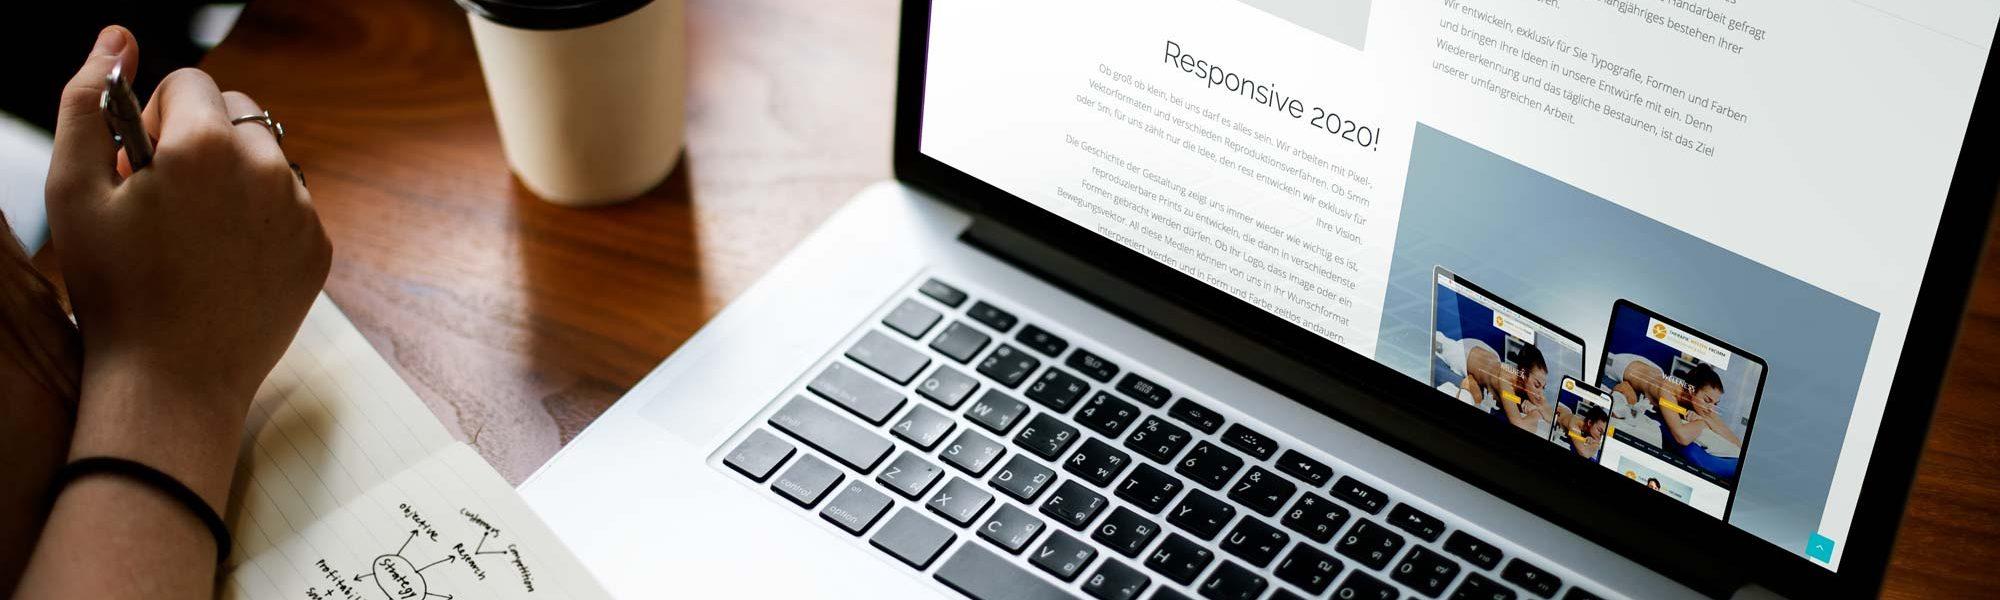 Laptop auf einem Tisch mit offener Webseite für Webdesign